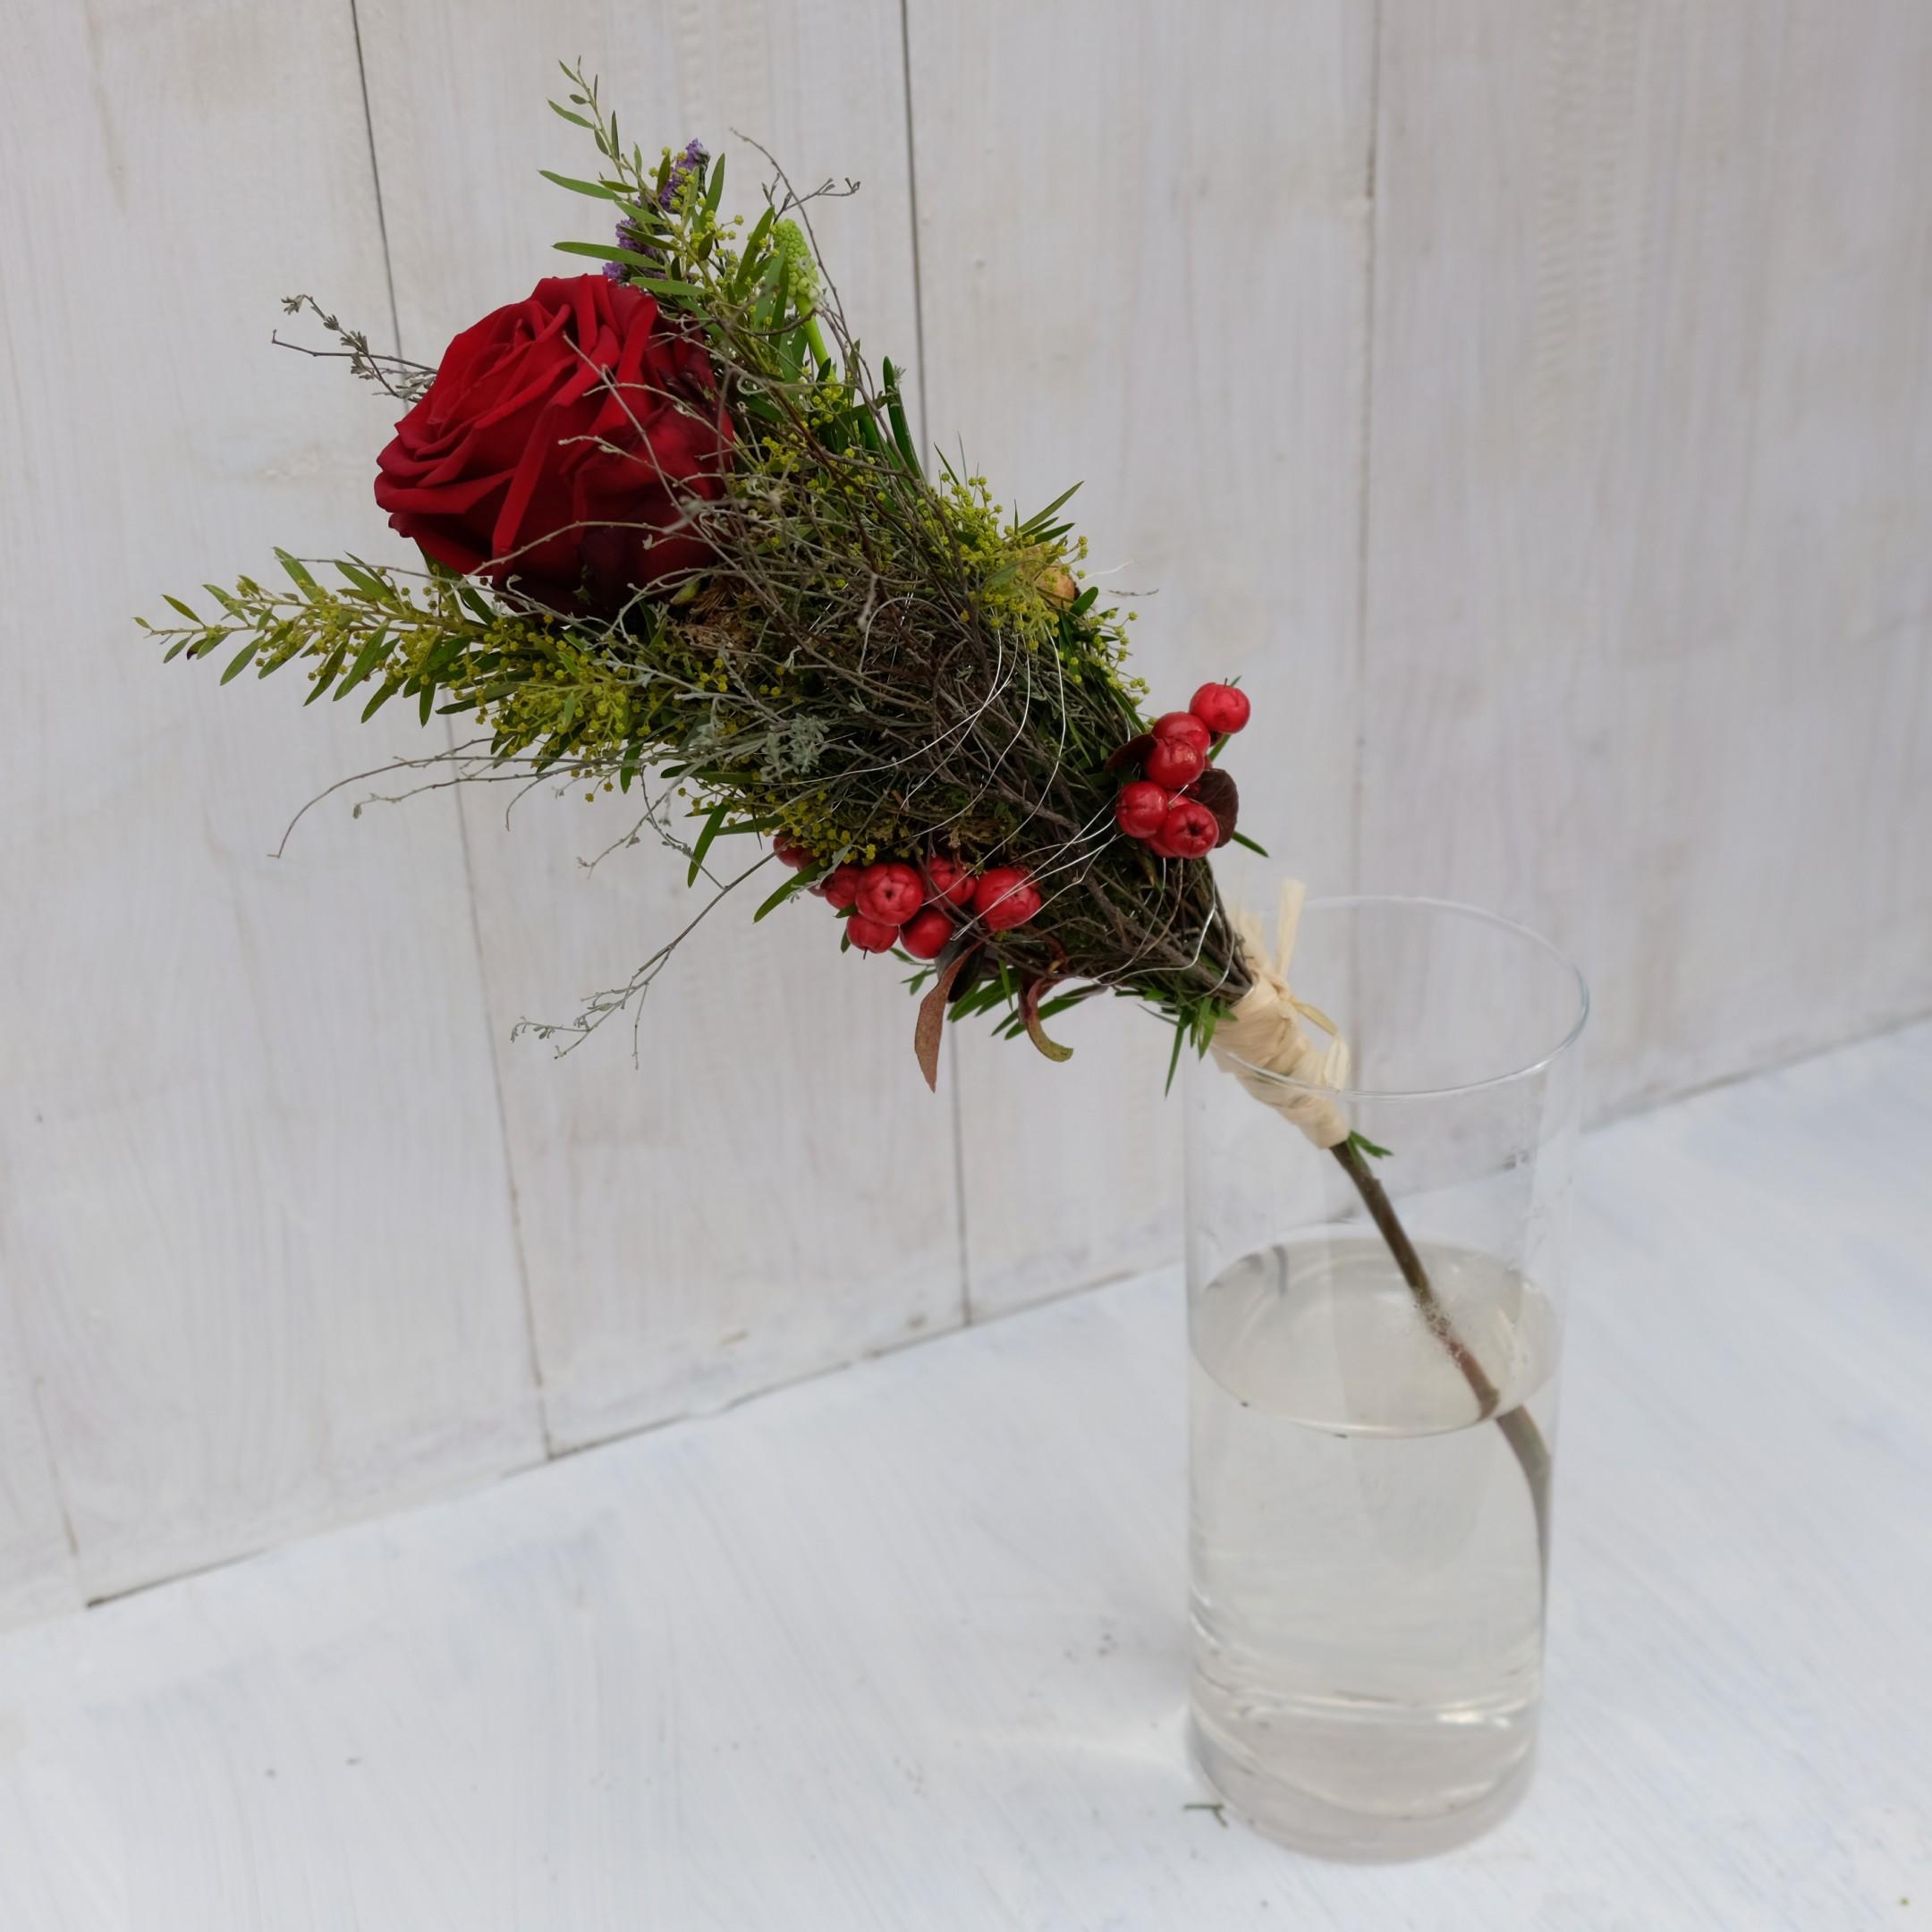 Rose liebevoll verpackt Bild 4